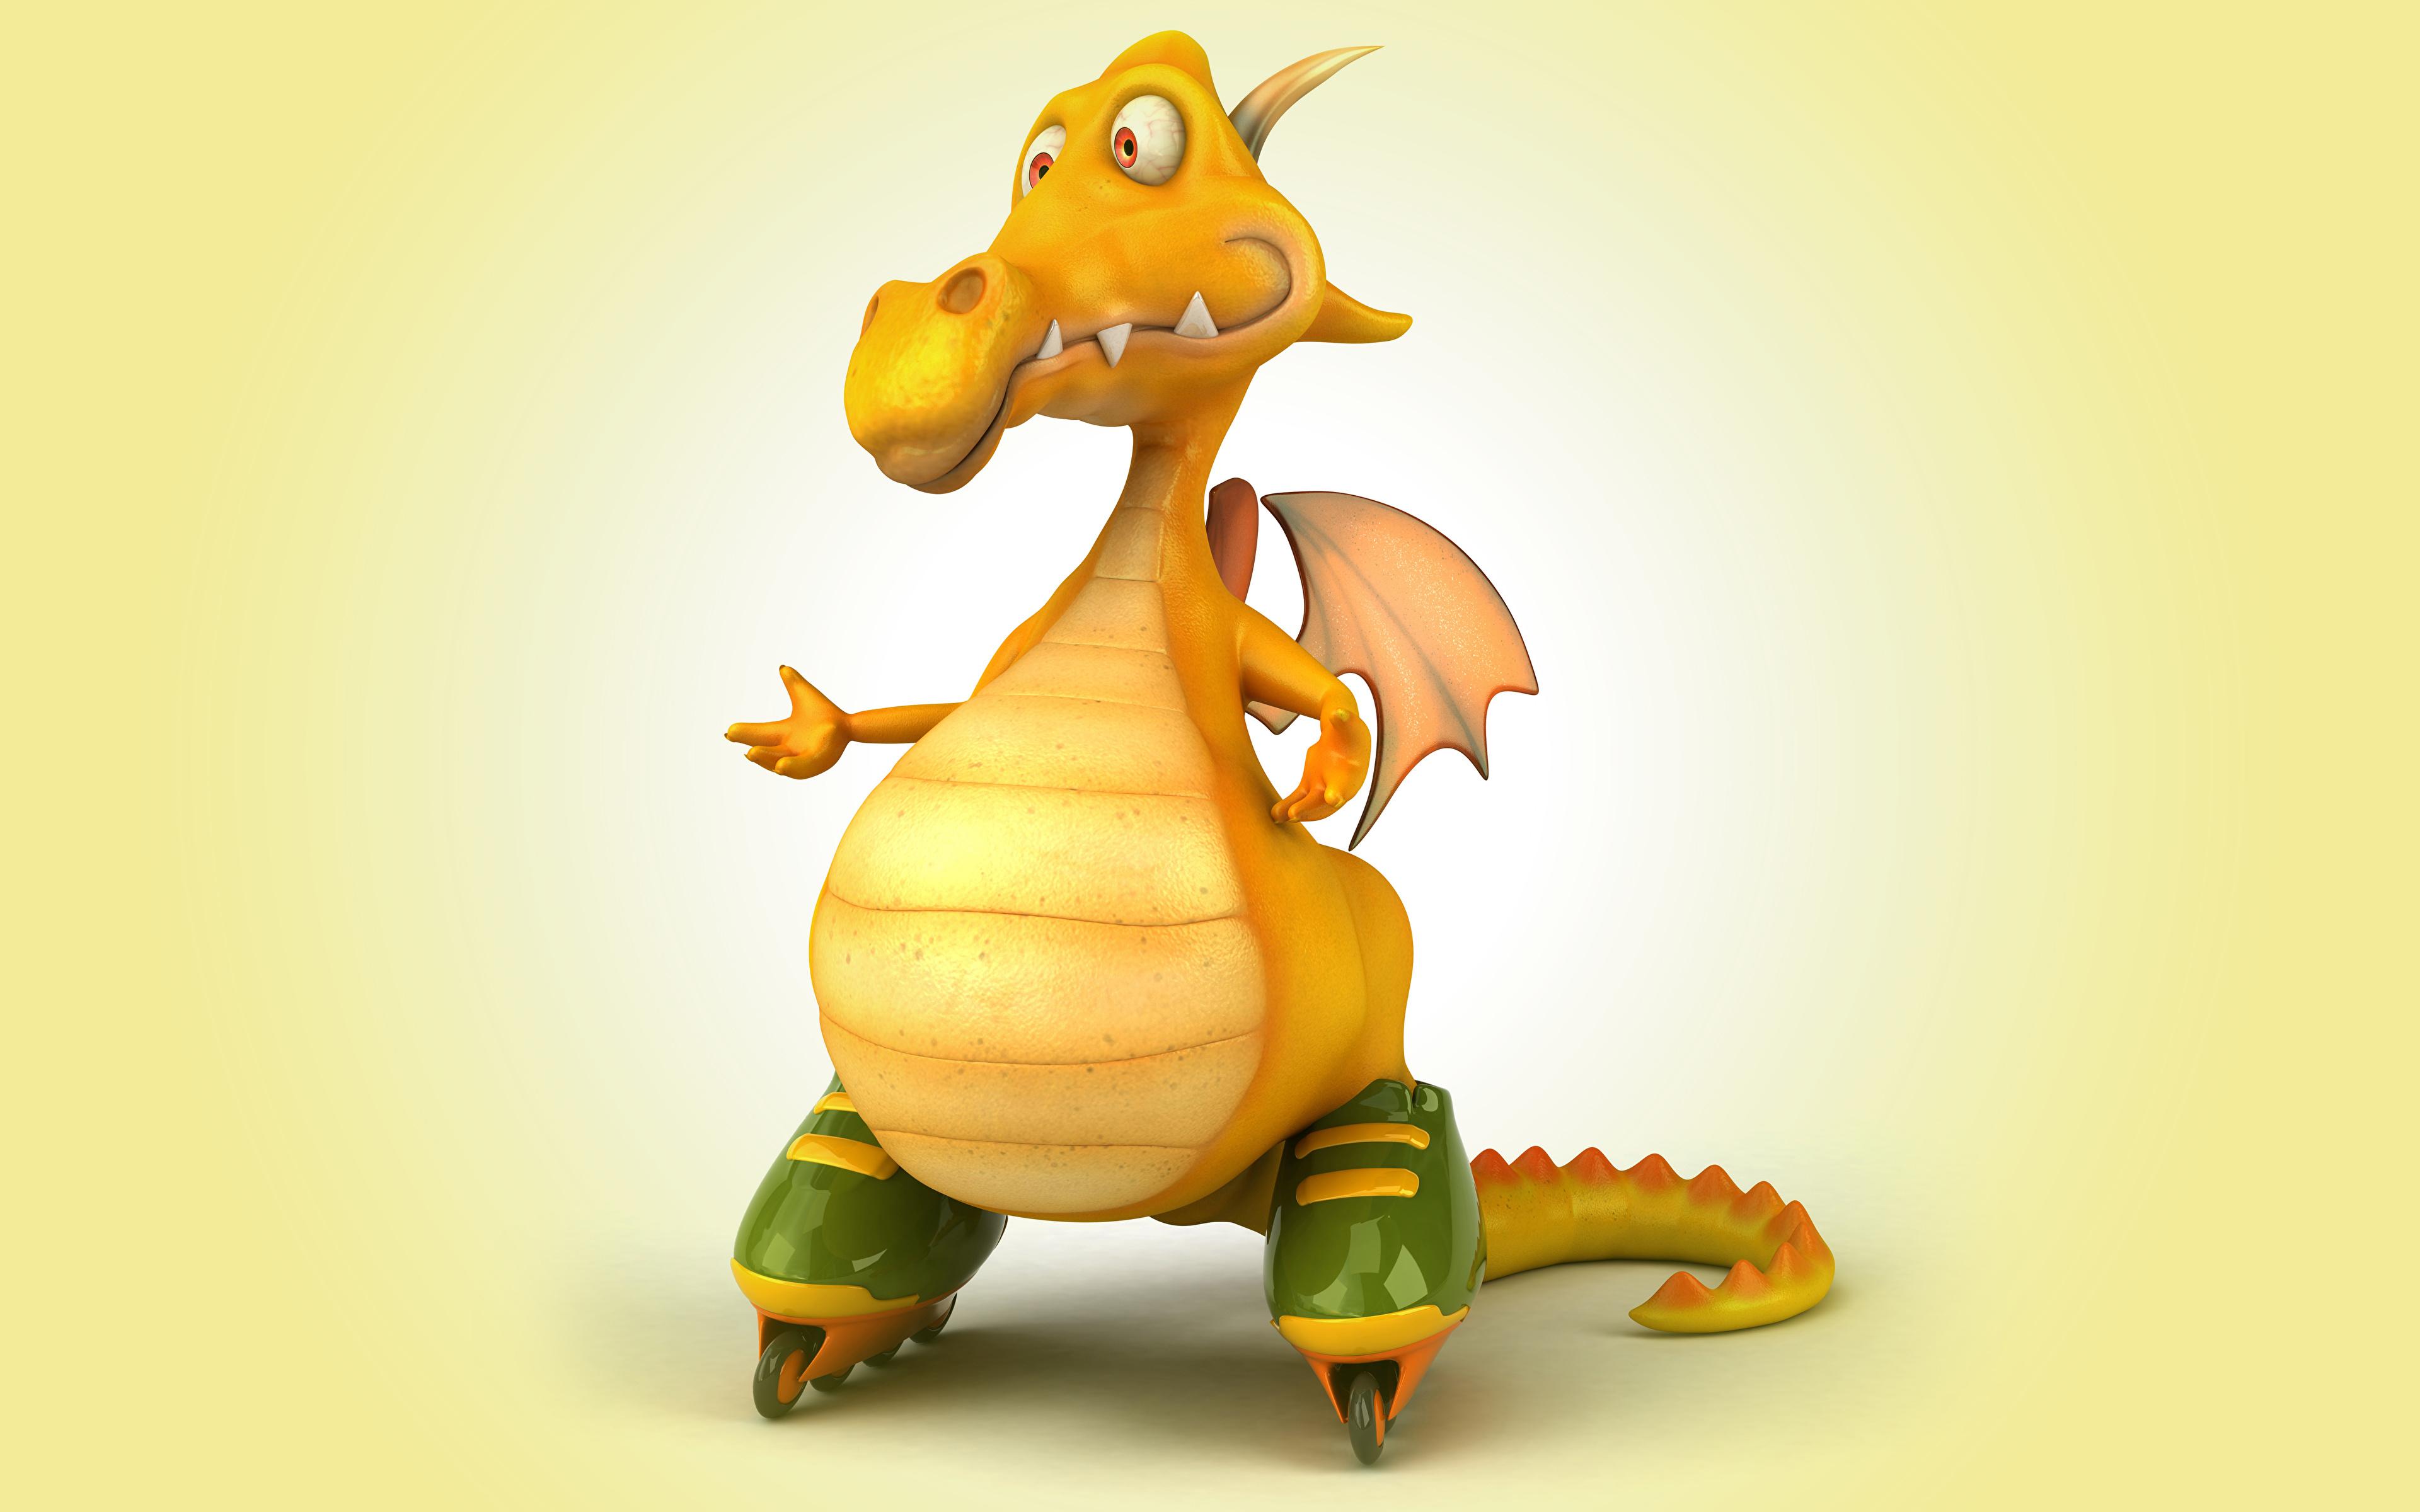 Fonds Decran 3840x2400 Dragons Patins à Roulettes 3d